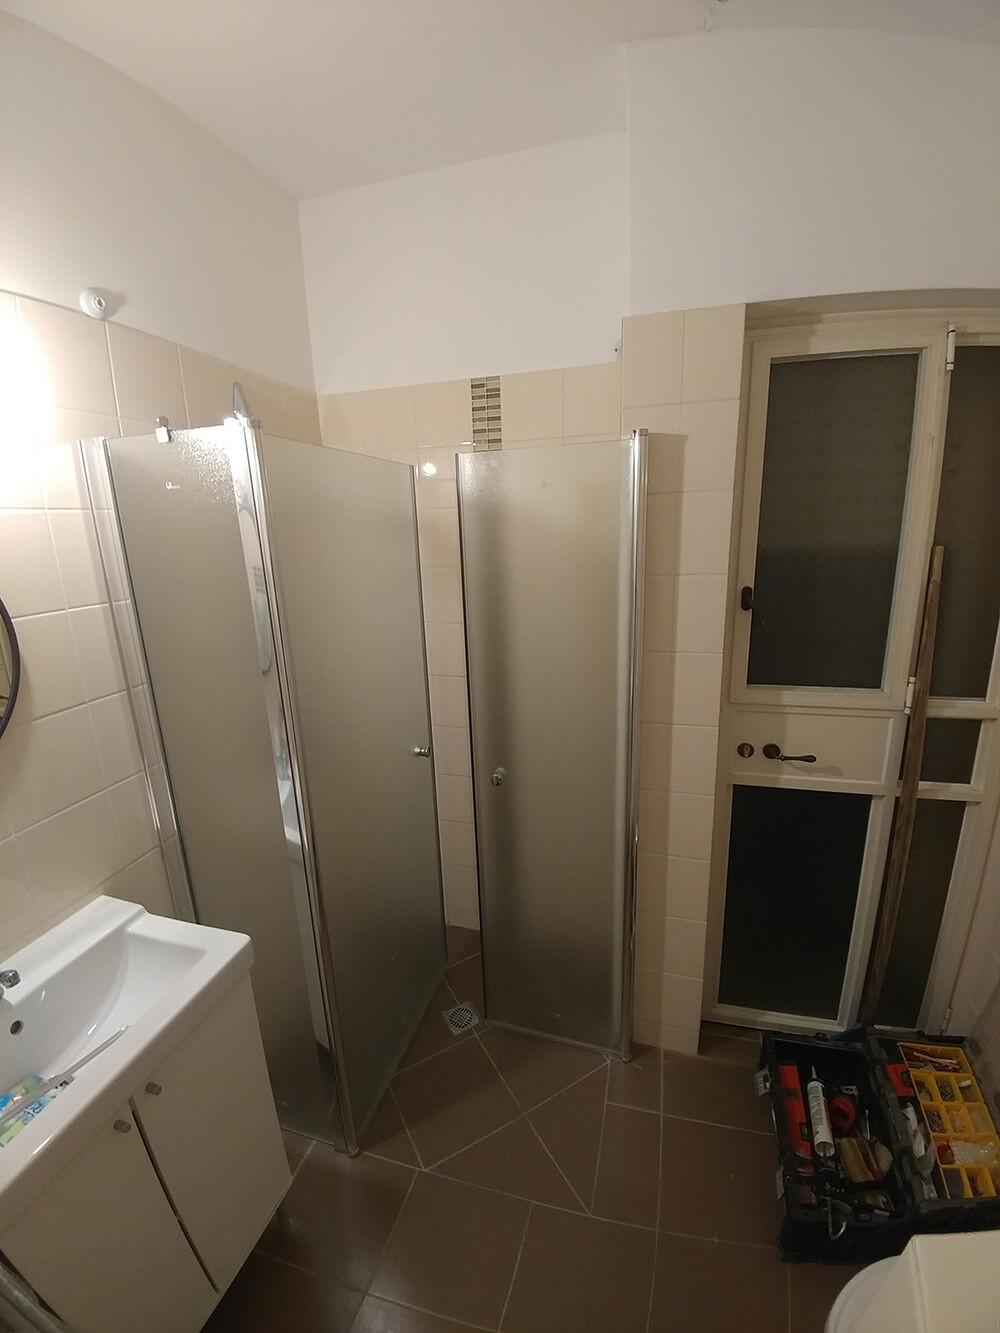 מקלחון פינתי - דלתות פתוחות פנים